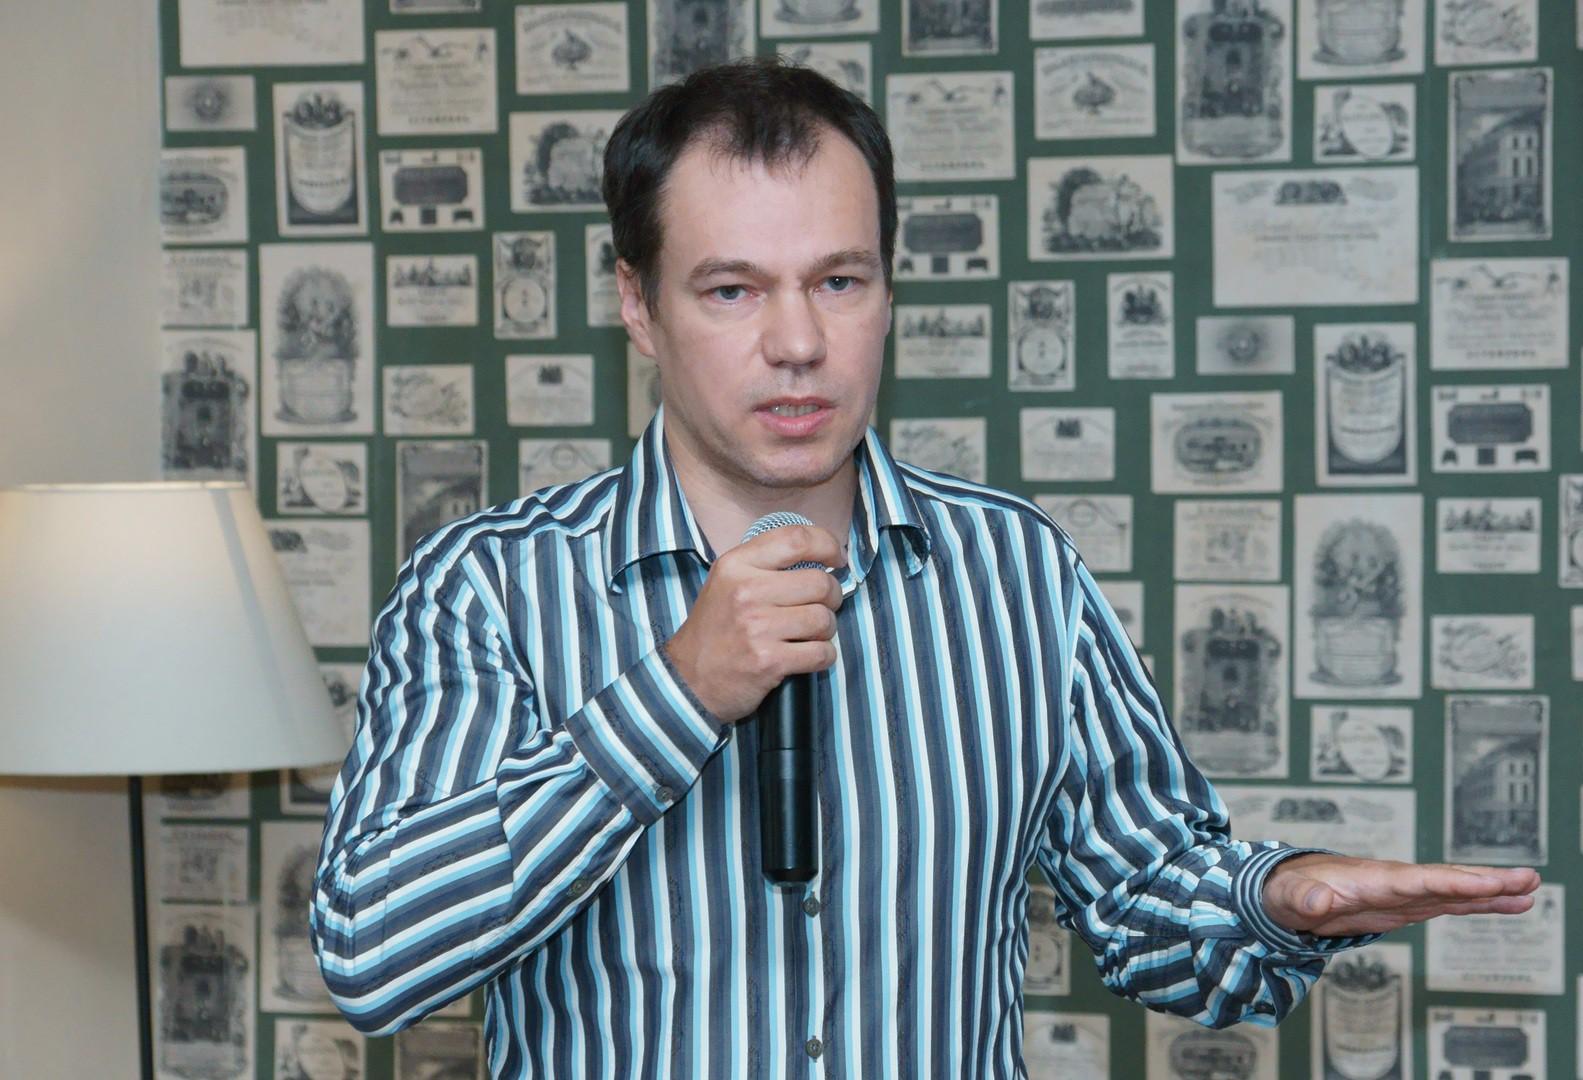 В Санкт-Петербурге арестованы фигуранты по делу о мошенничестве с НДС